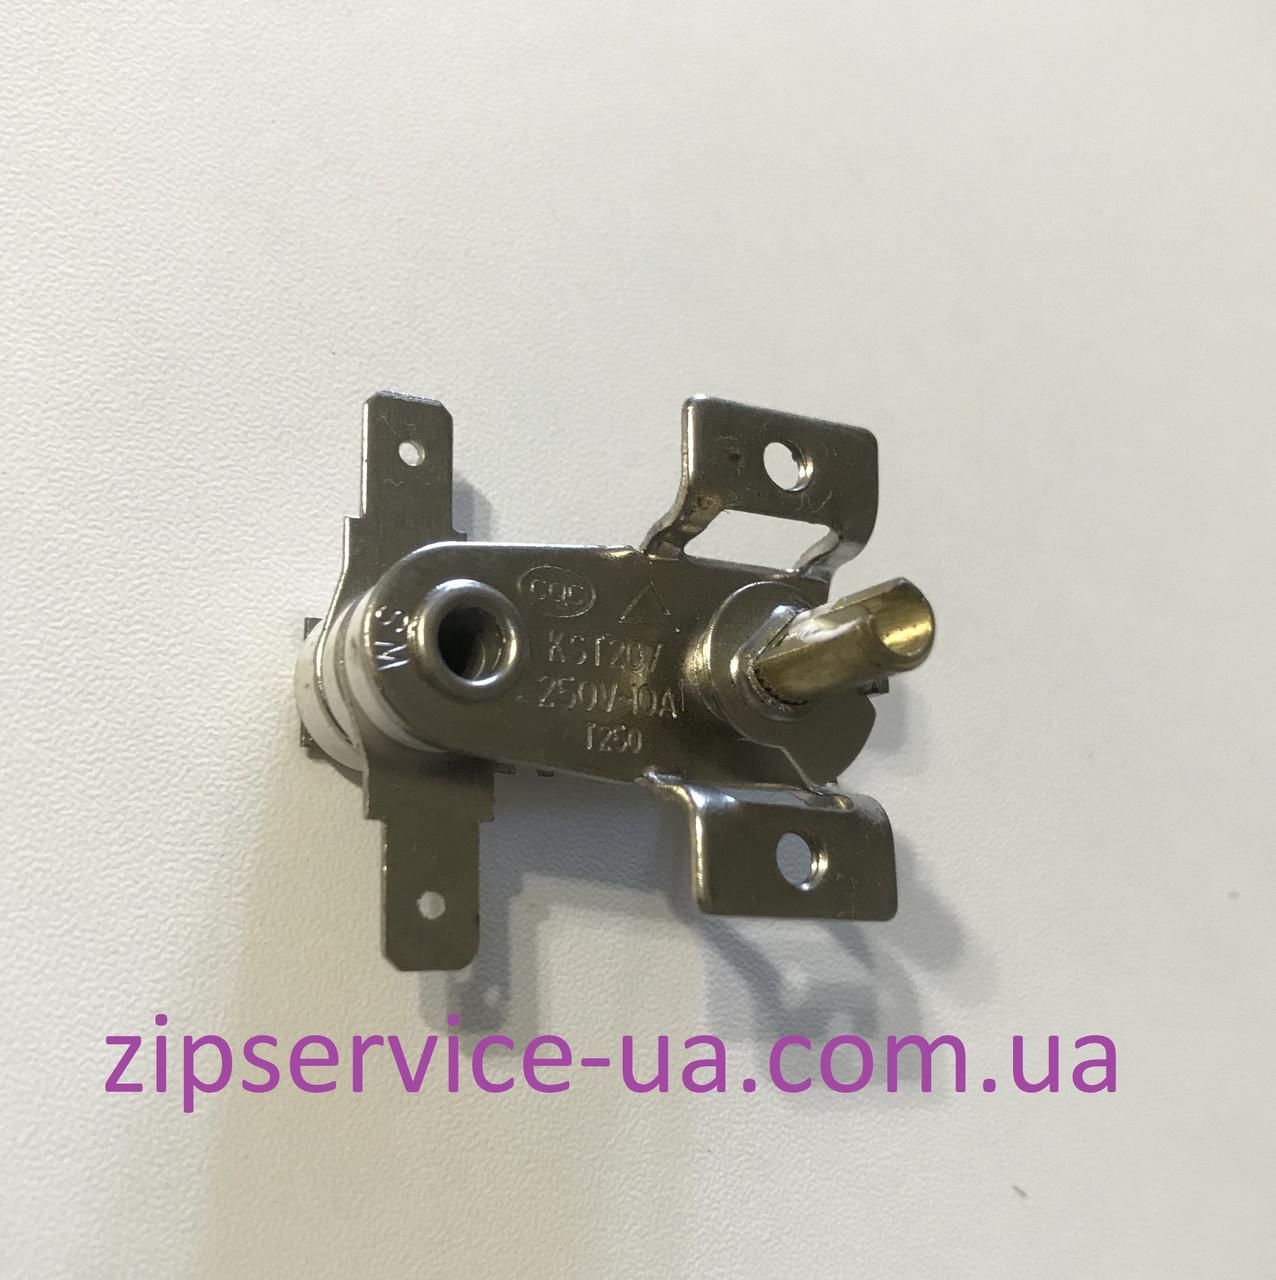 Терморегулятор KST-207  10А 250V Т250 для обогревателей, радиаторов, конвекторов